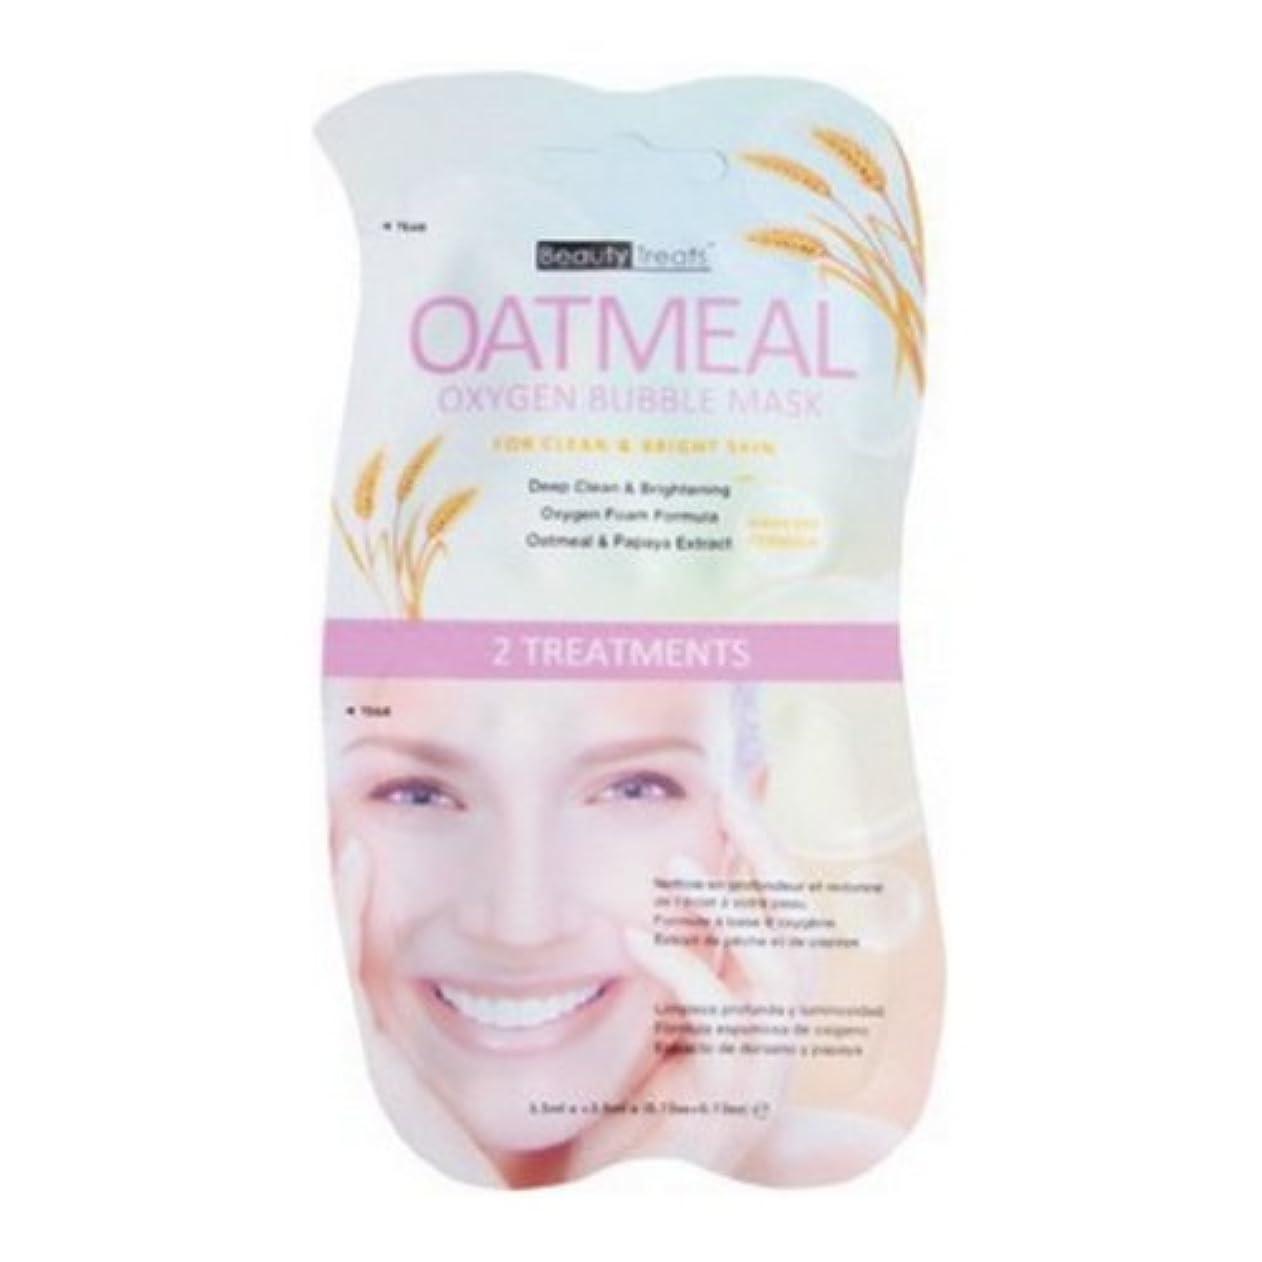 冷ややかな優しいから聞く(6 Pack) BEAUTY TREATS Oatmeal Oxygen Bubble Mask - Oatmeal (並行輸入品)